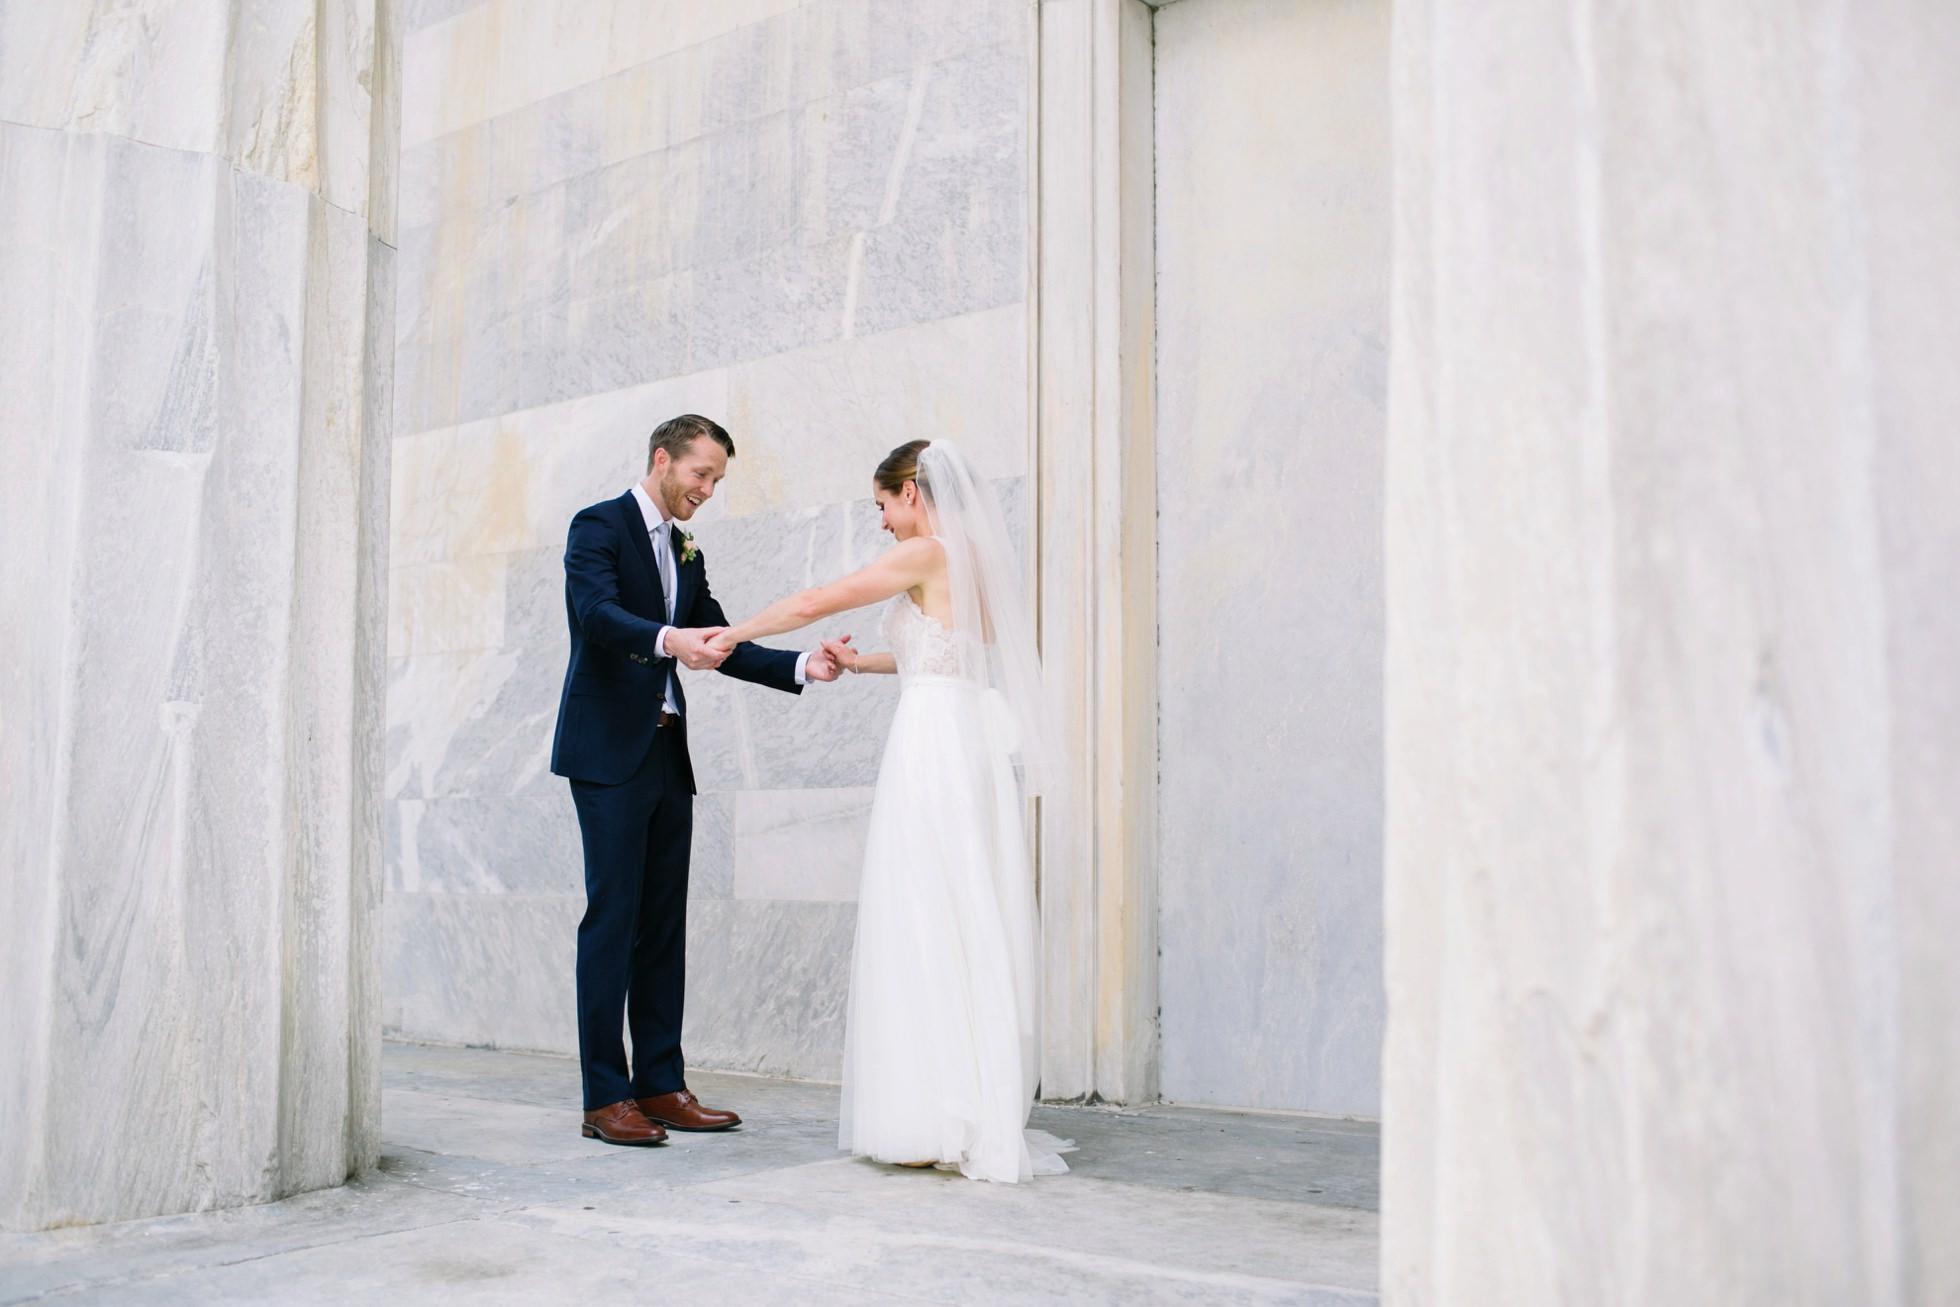 Romantic Bartram's Garden Outdoor Summer Wedding, Philadelphia | brittneyraine.com 022